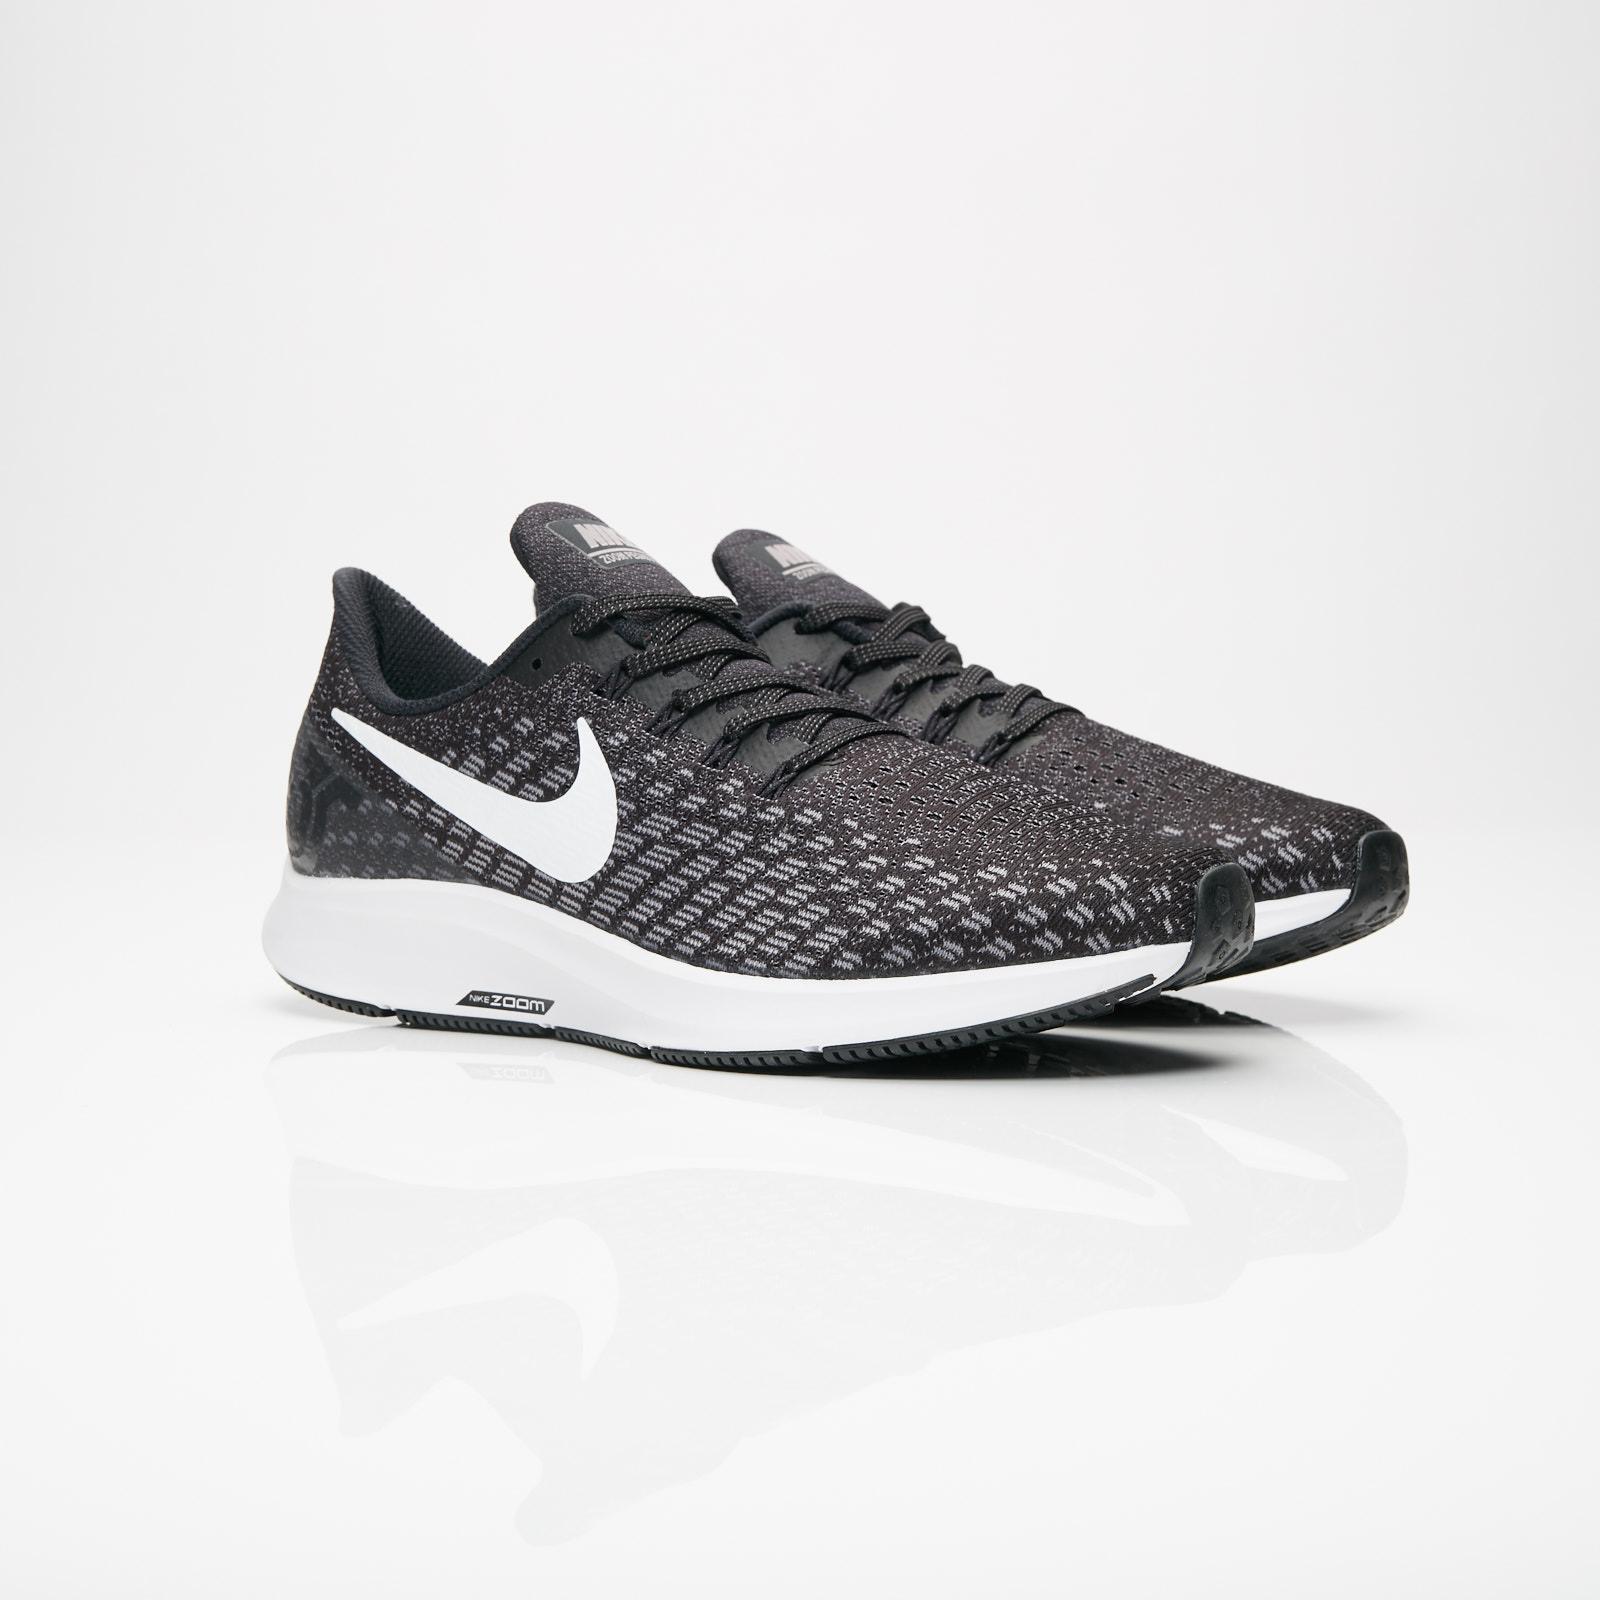 87c9c16d25b96 Nike Air Zoom Pegasus 35 - 942851-001 - Sneakersnstuff